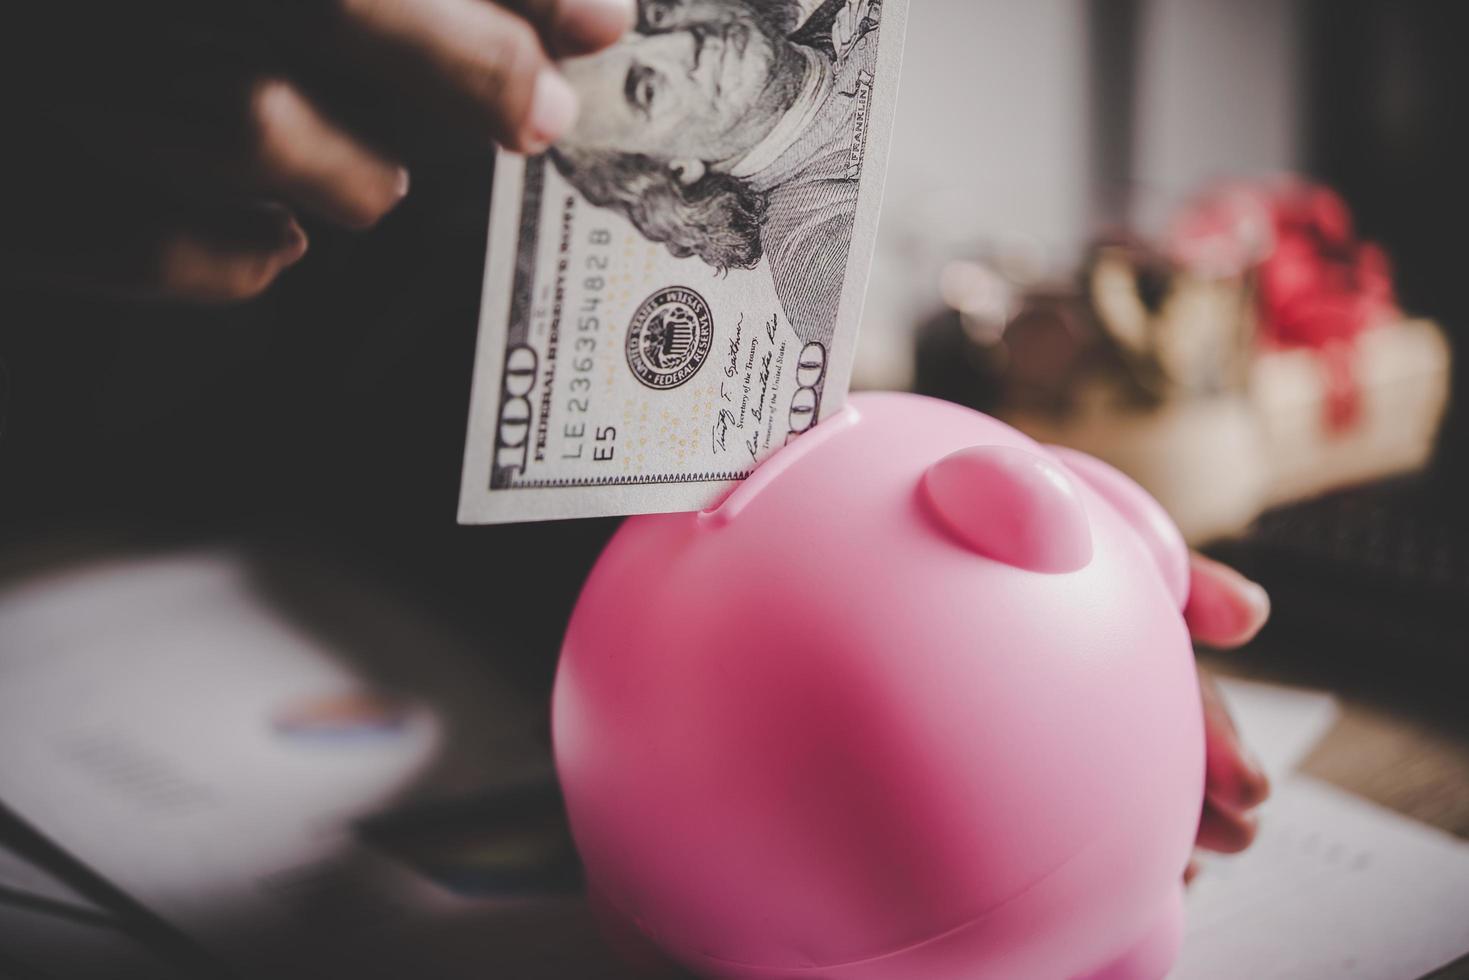 vrouw eurobankbiljet ingebruikneming een spaarvarken foto